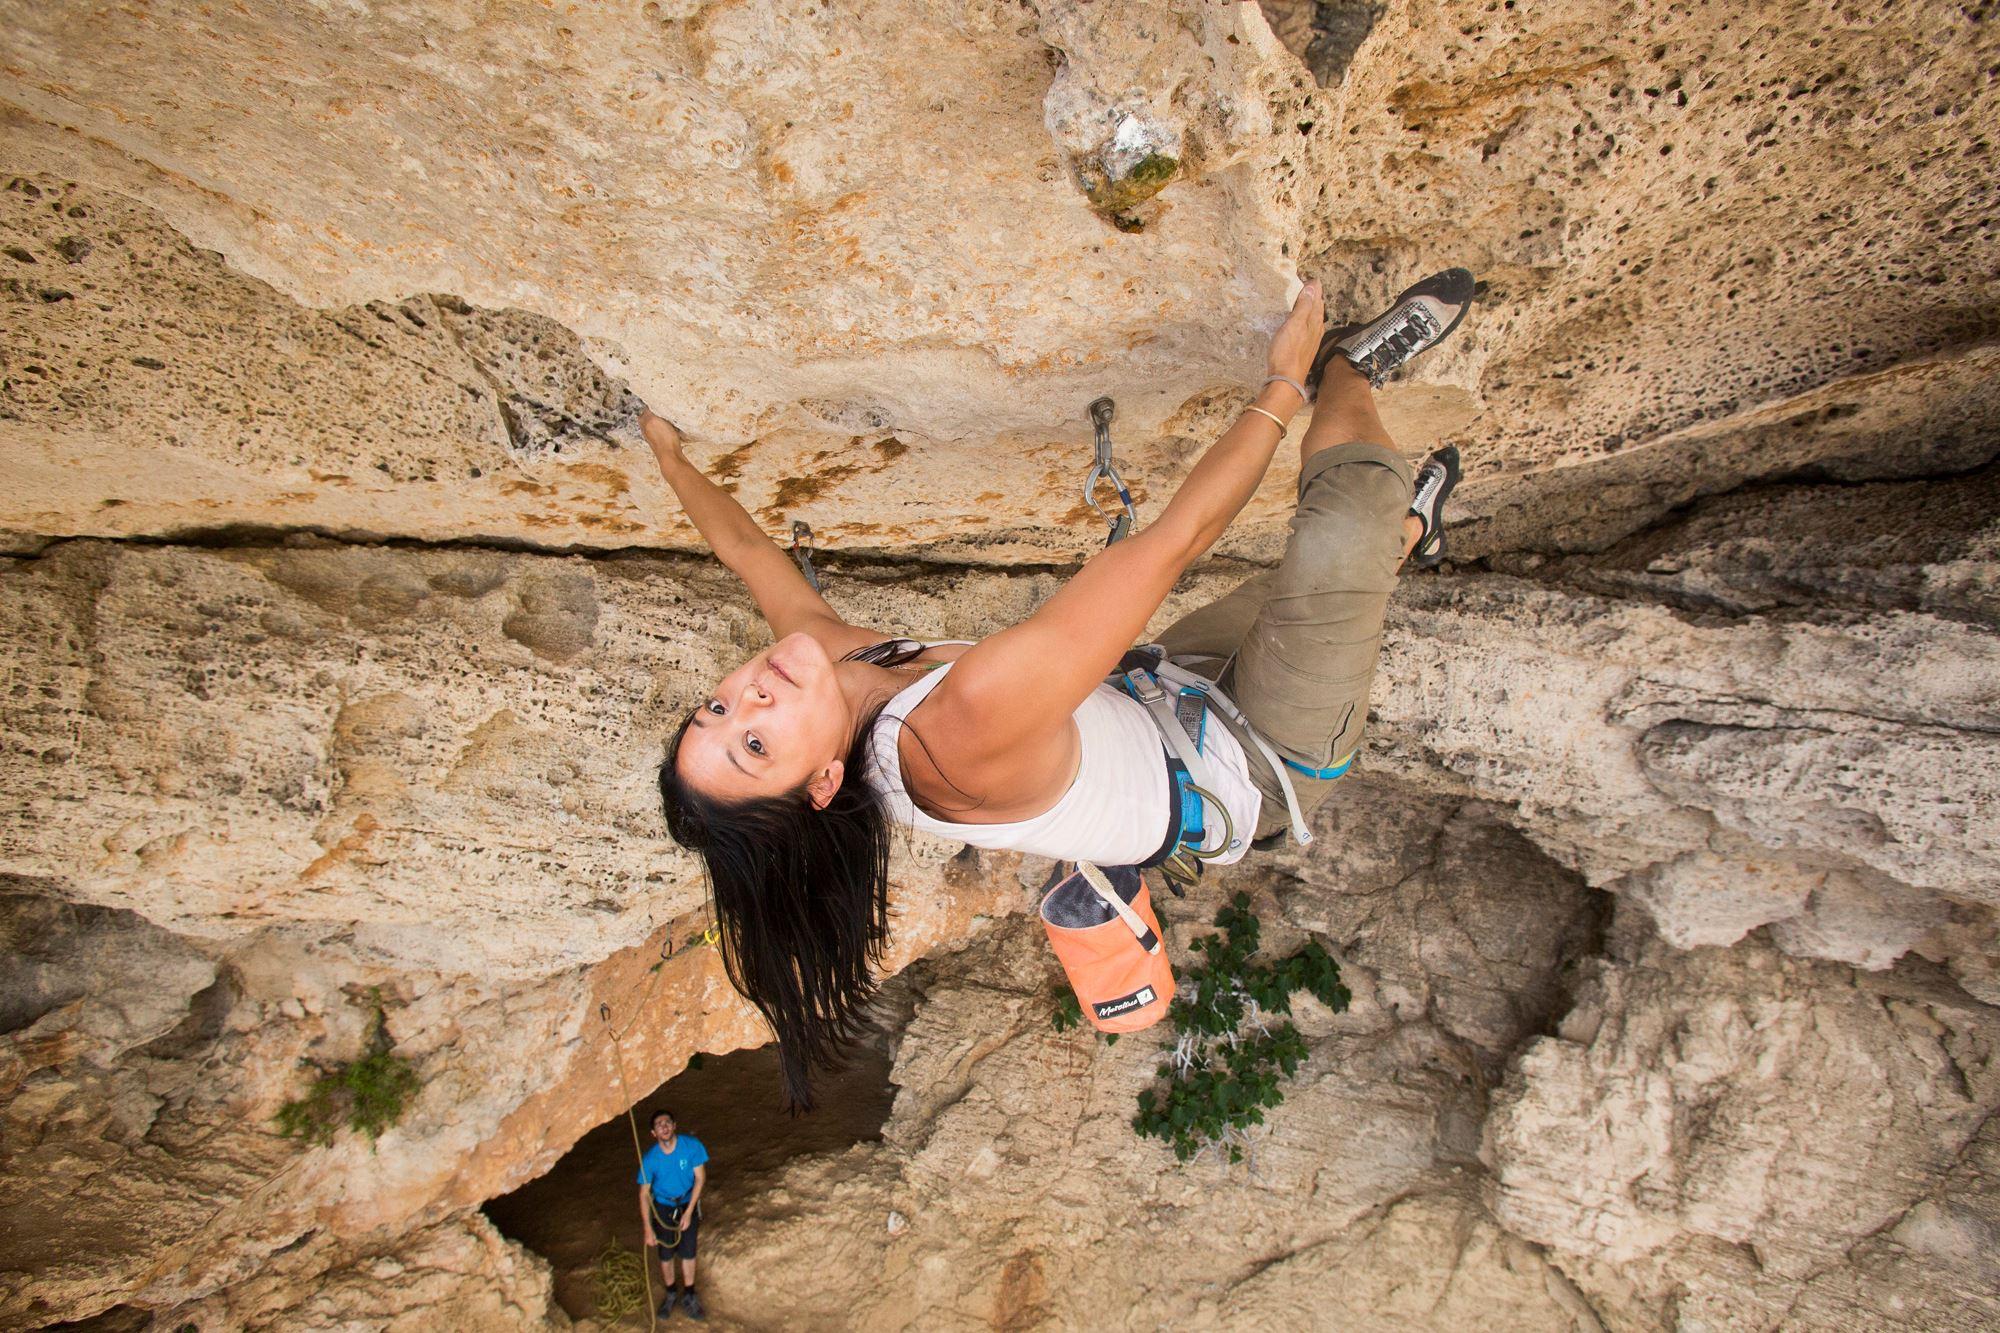 Inigo Taylor Climbing Photography